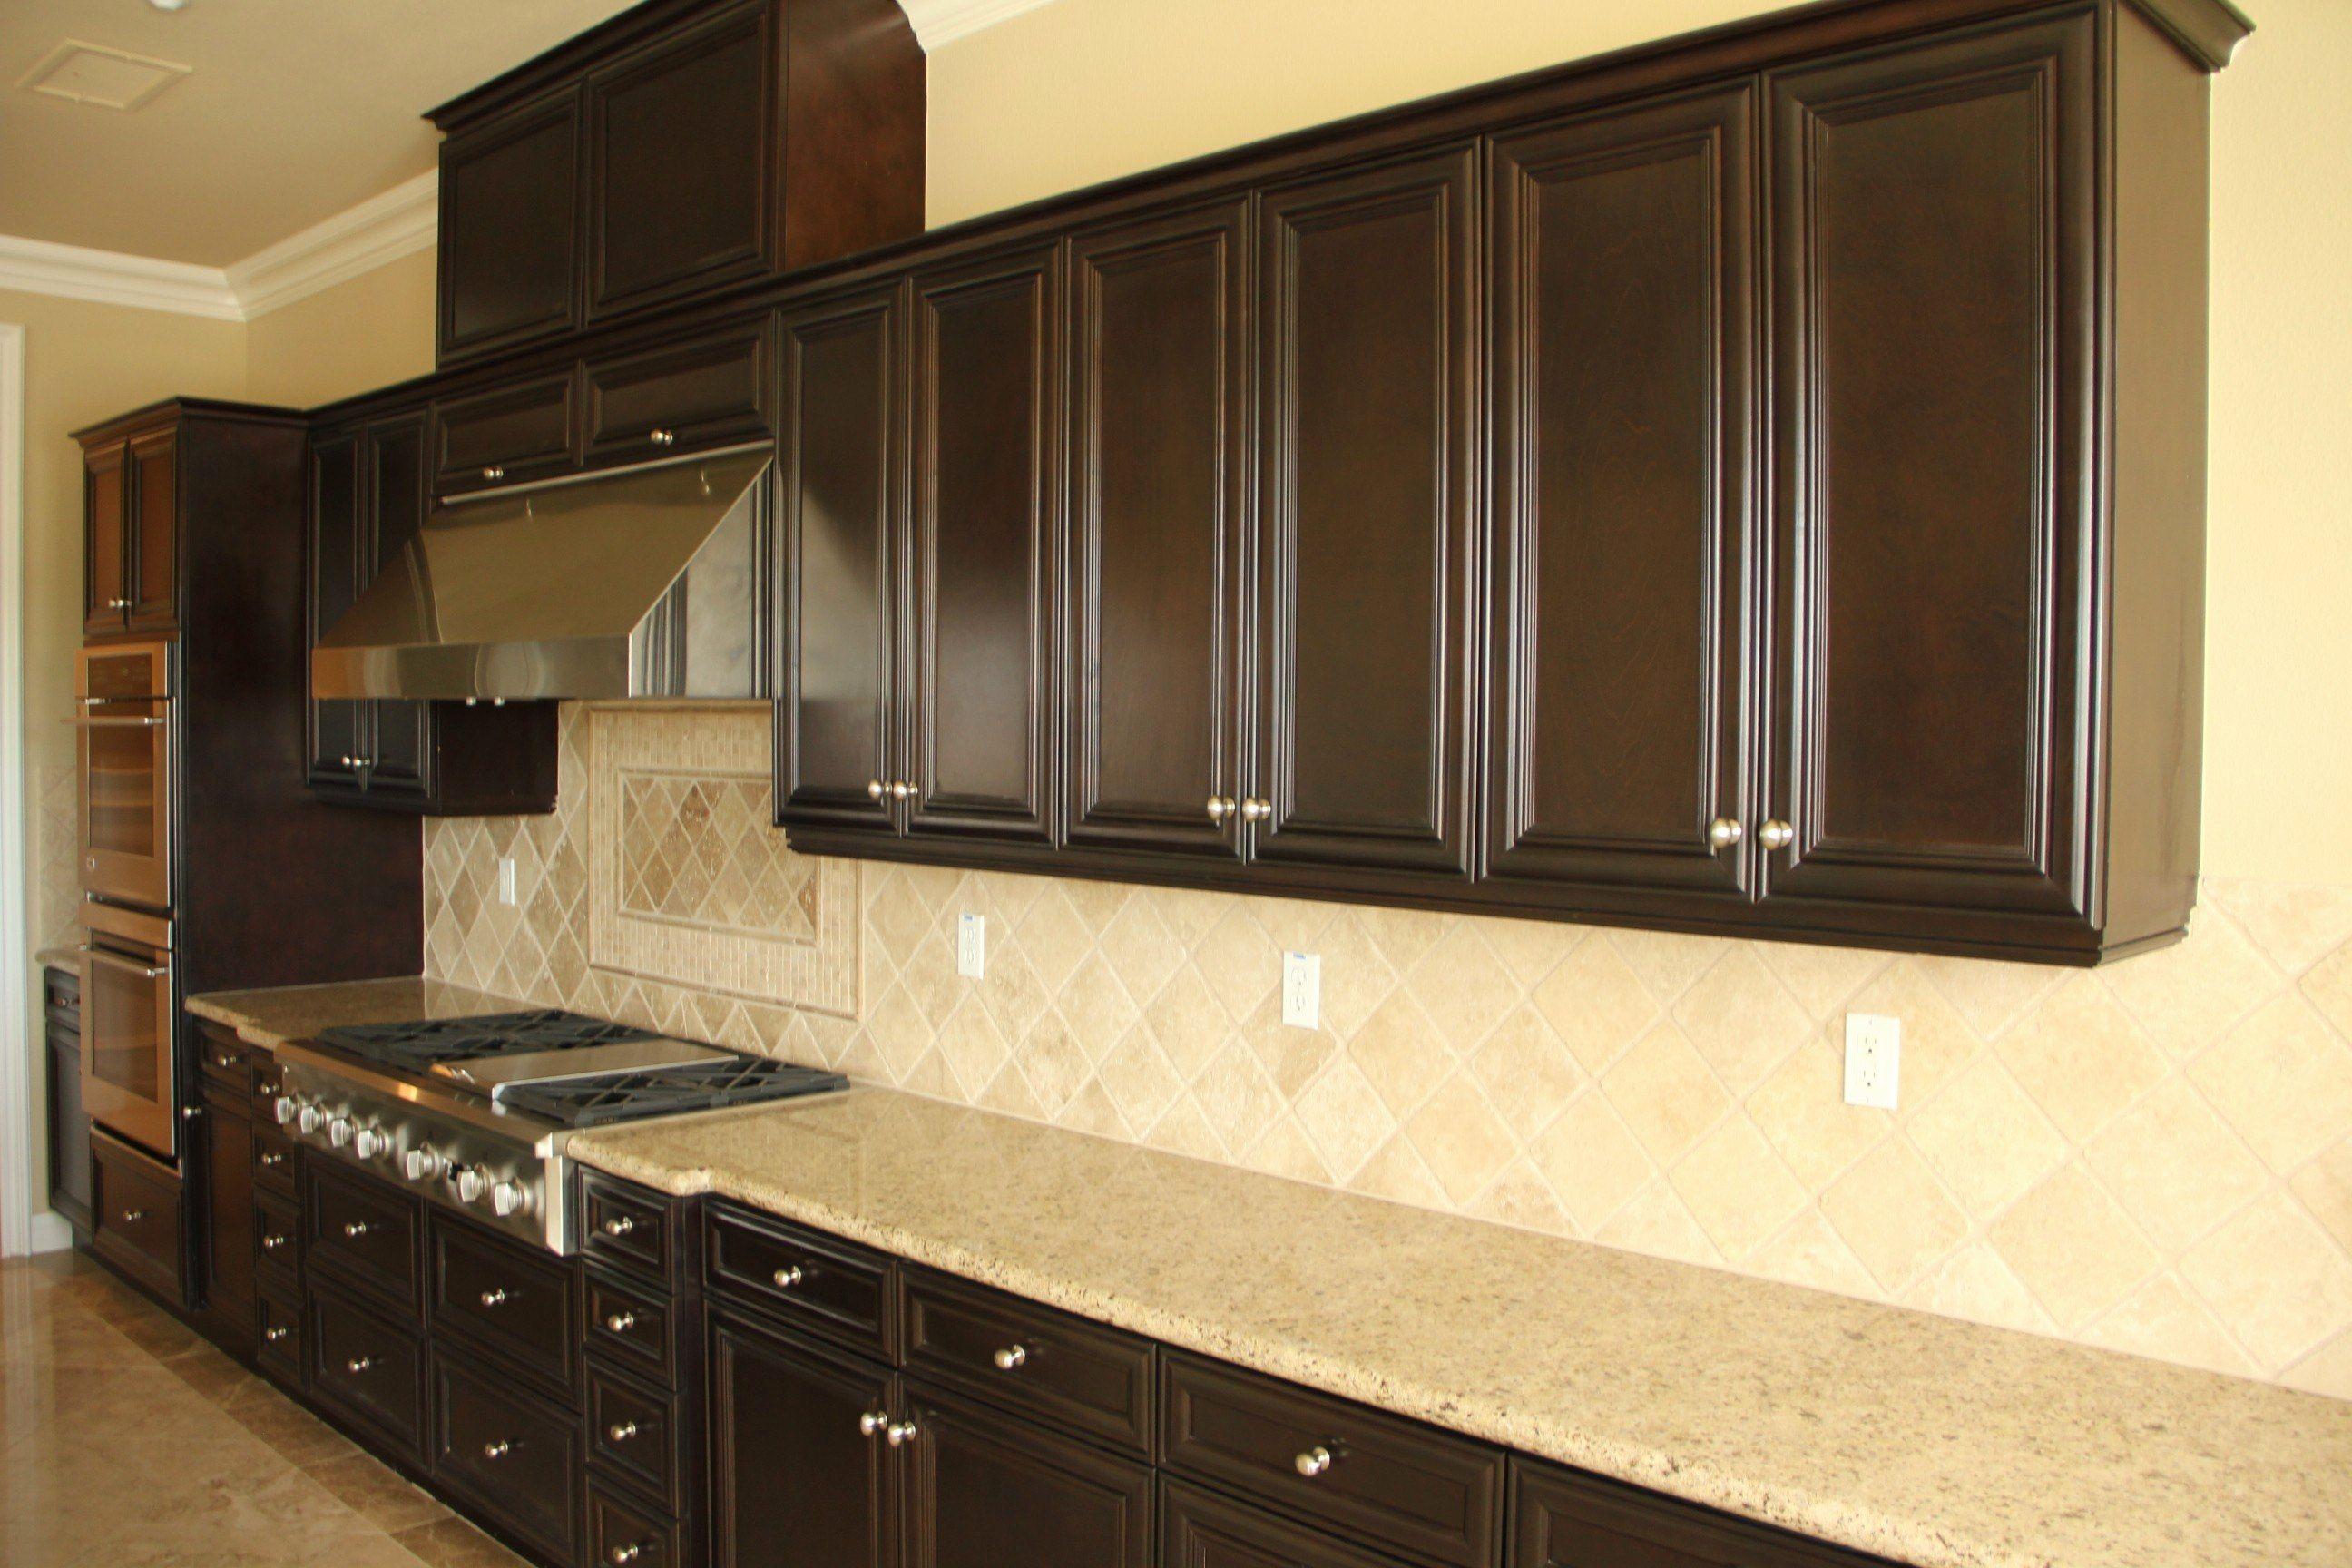 Küche Kabinett hardware Leiste zieht - Pewter hardware ist eine ...